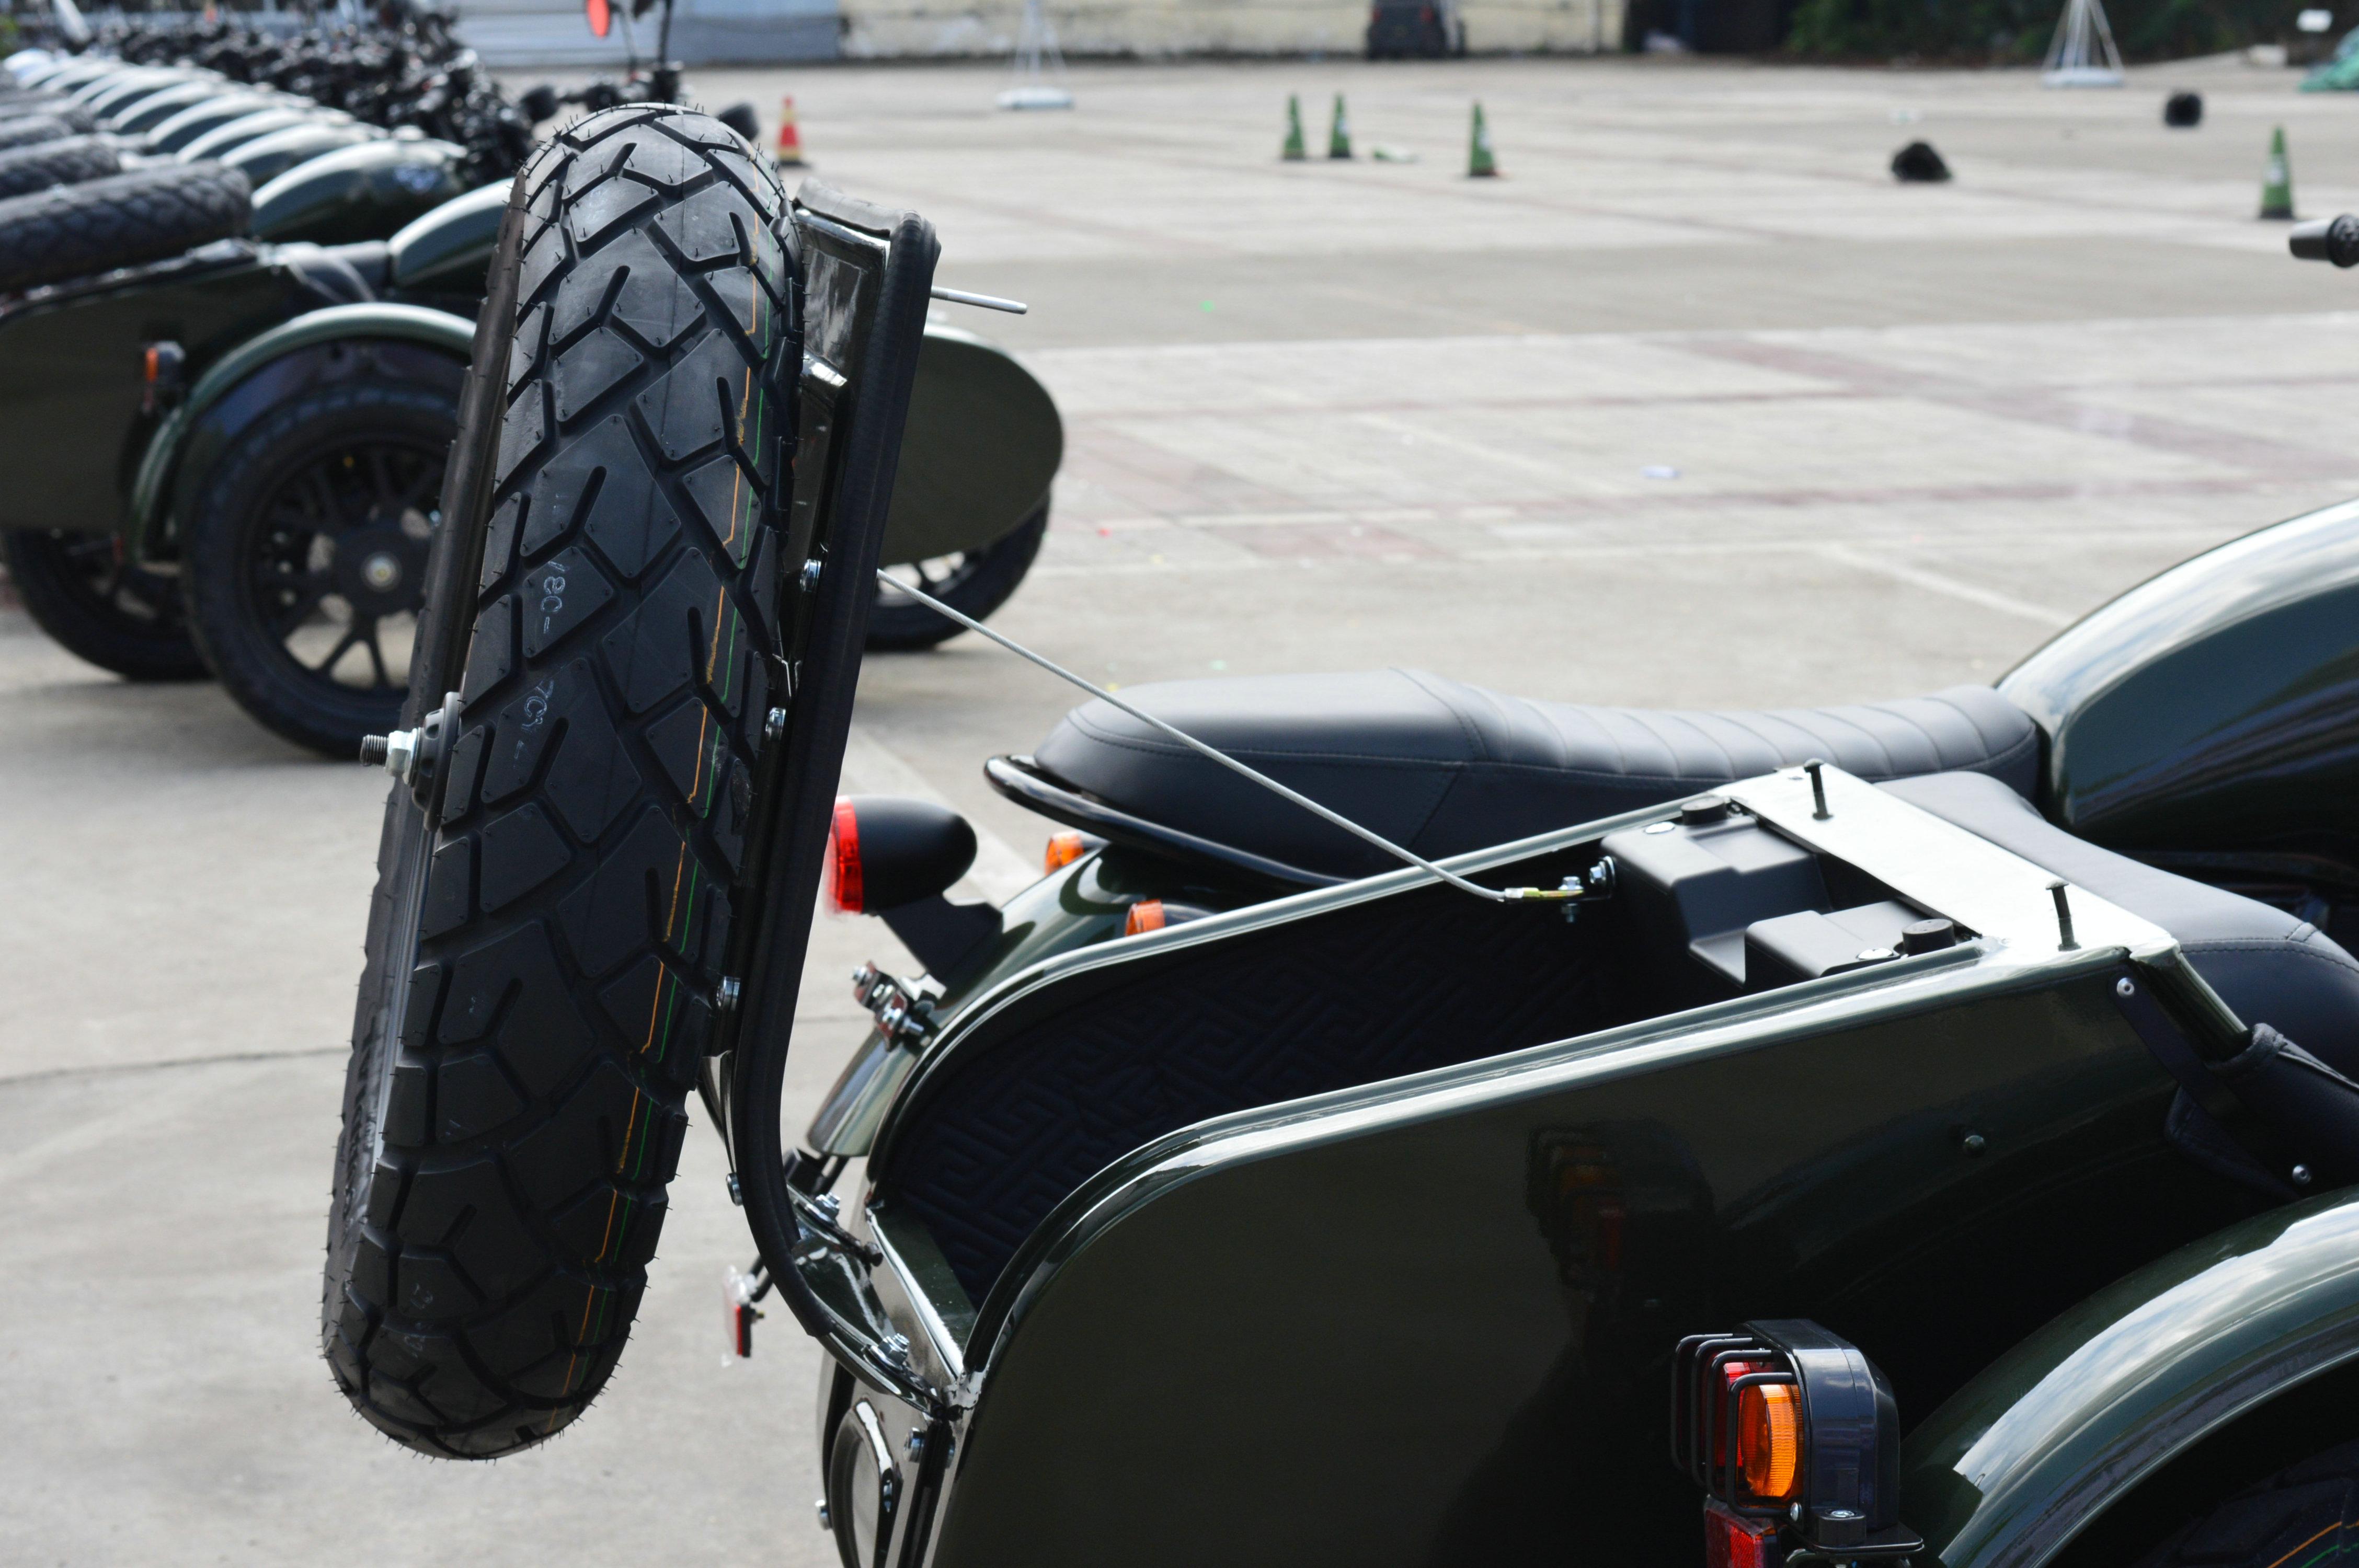 银钢侉子200摩托车